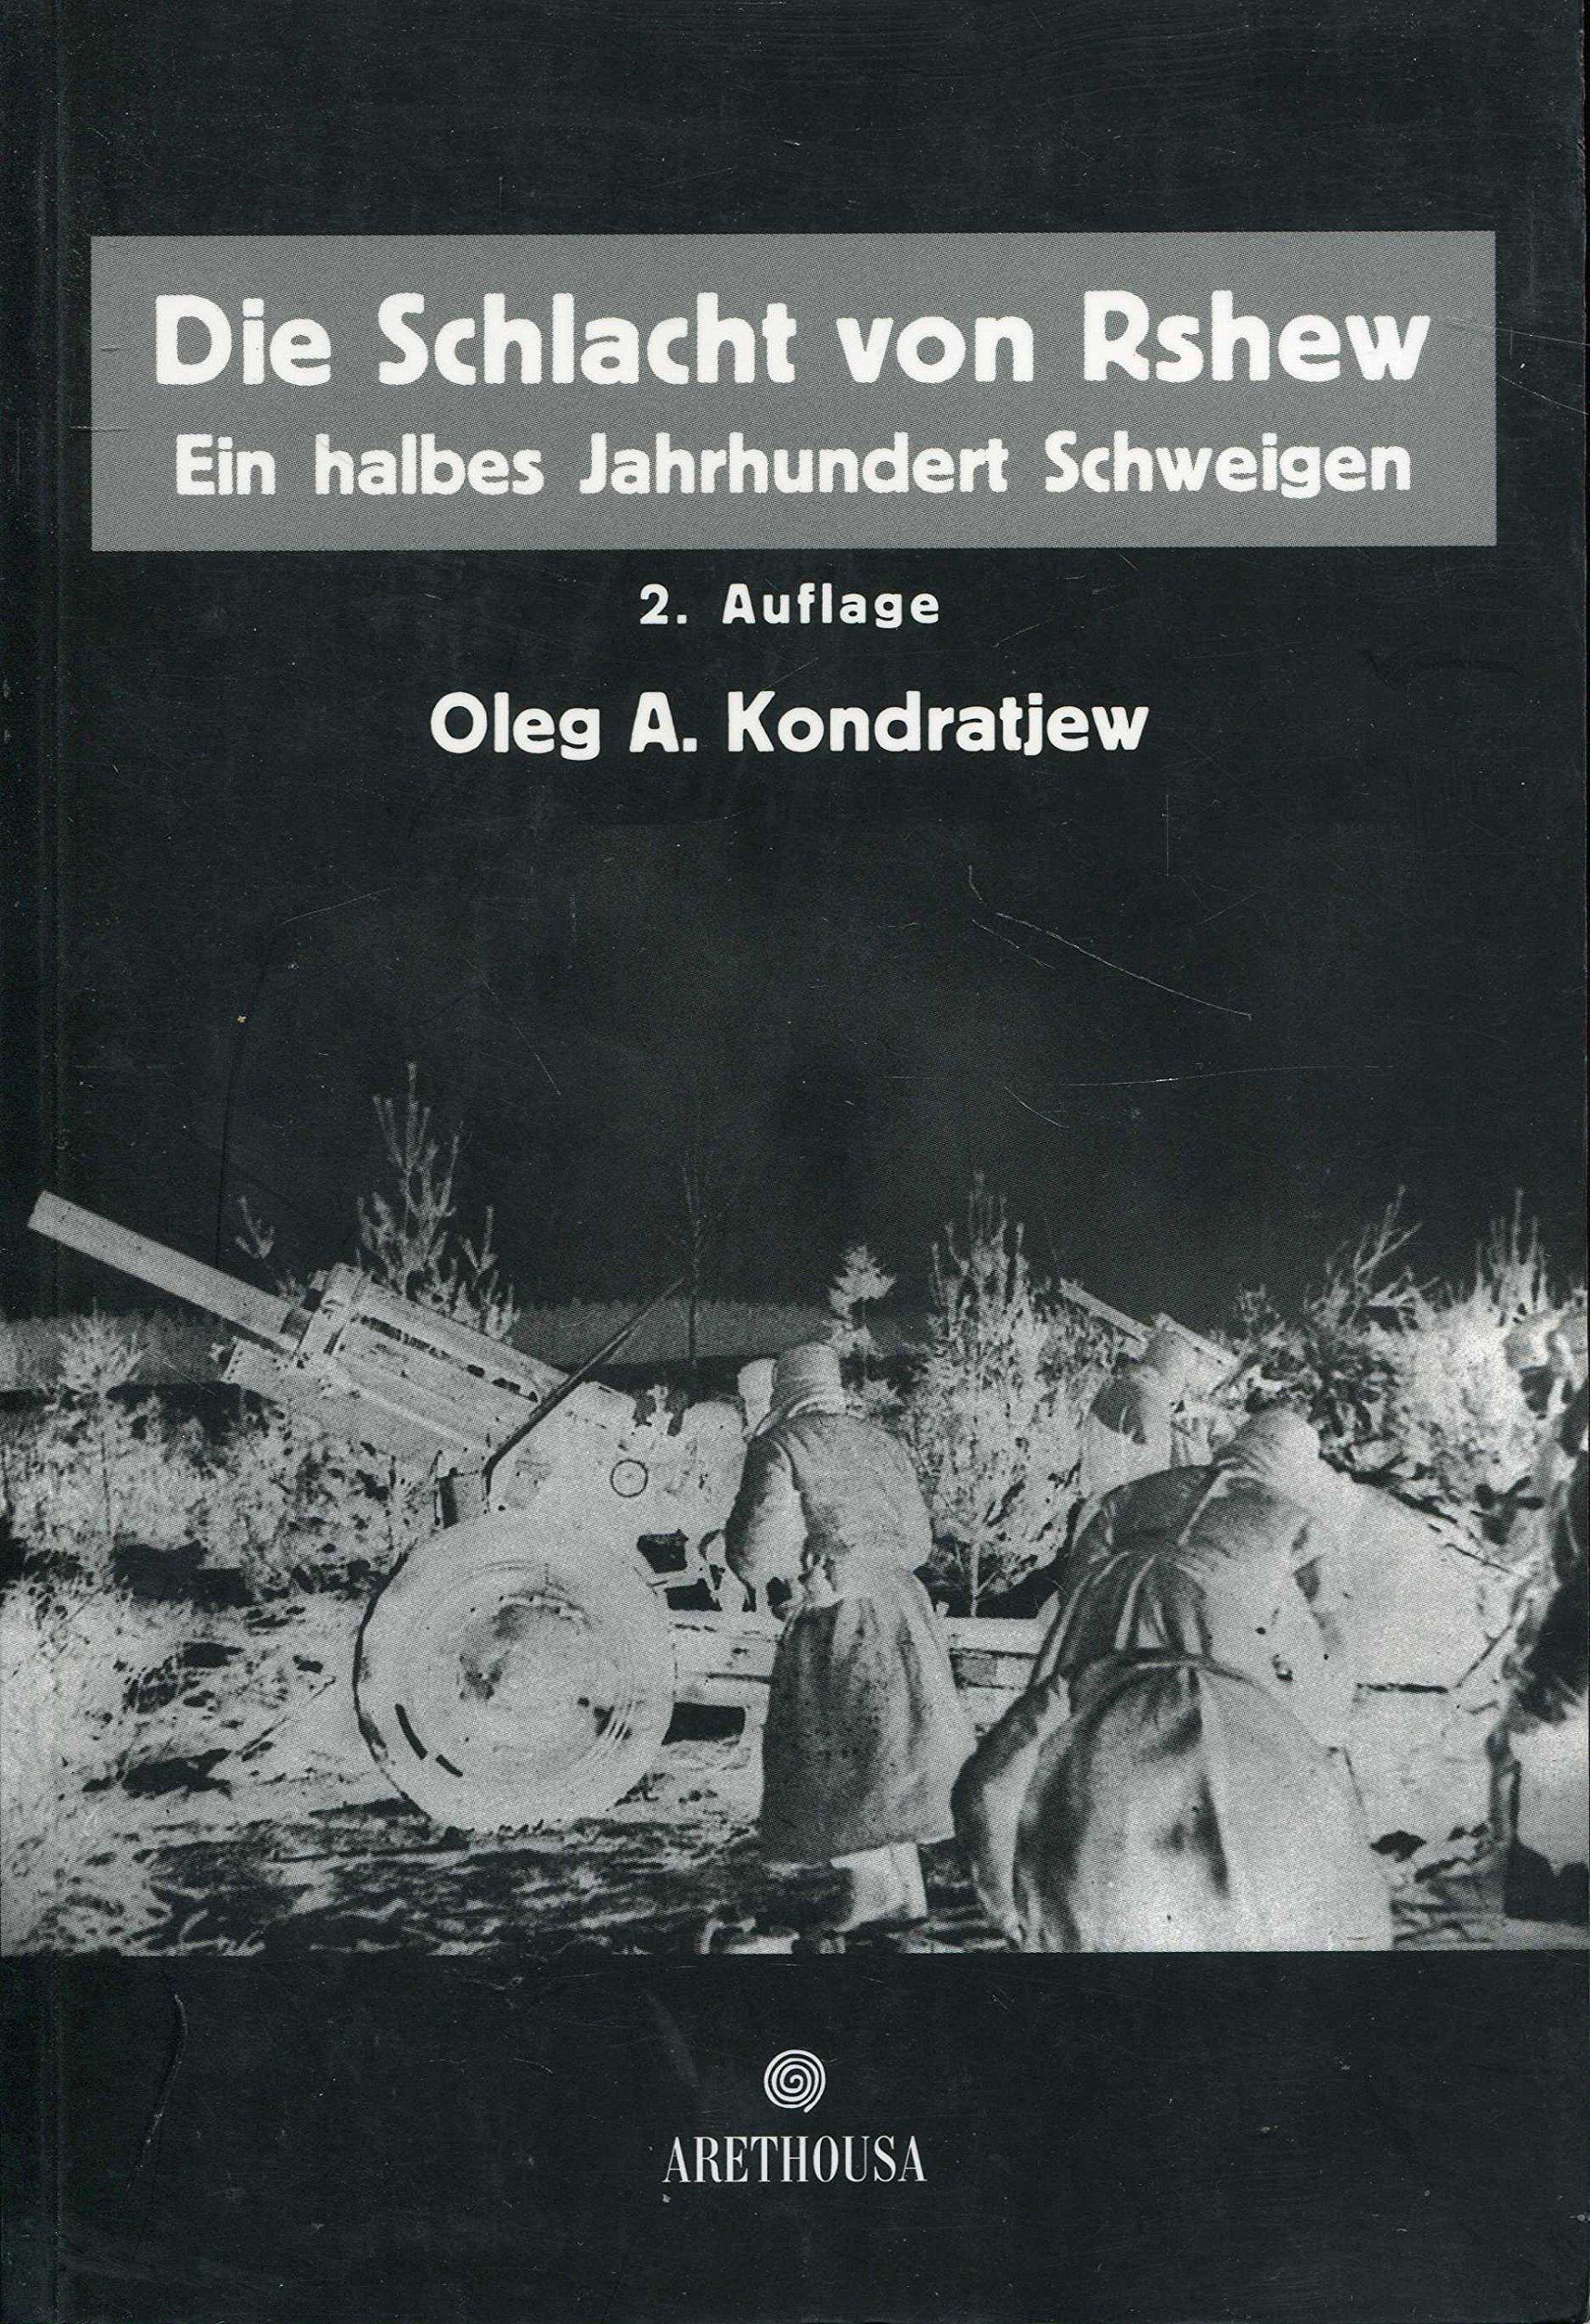 Die Schlacht von Rshew: Ein halbes Jahrhundert Schweigen